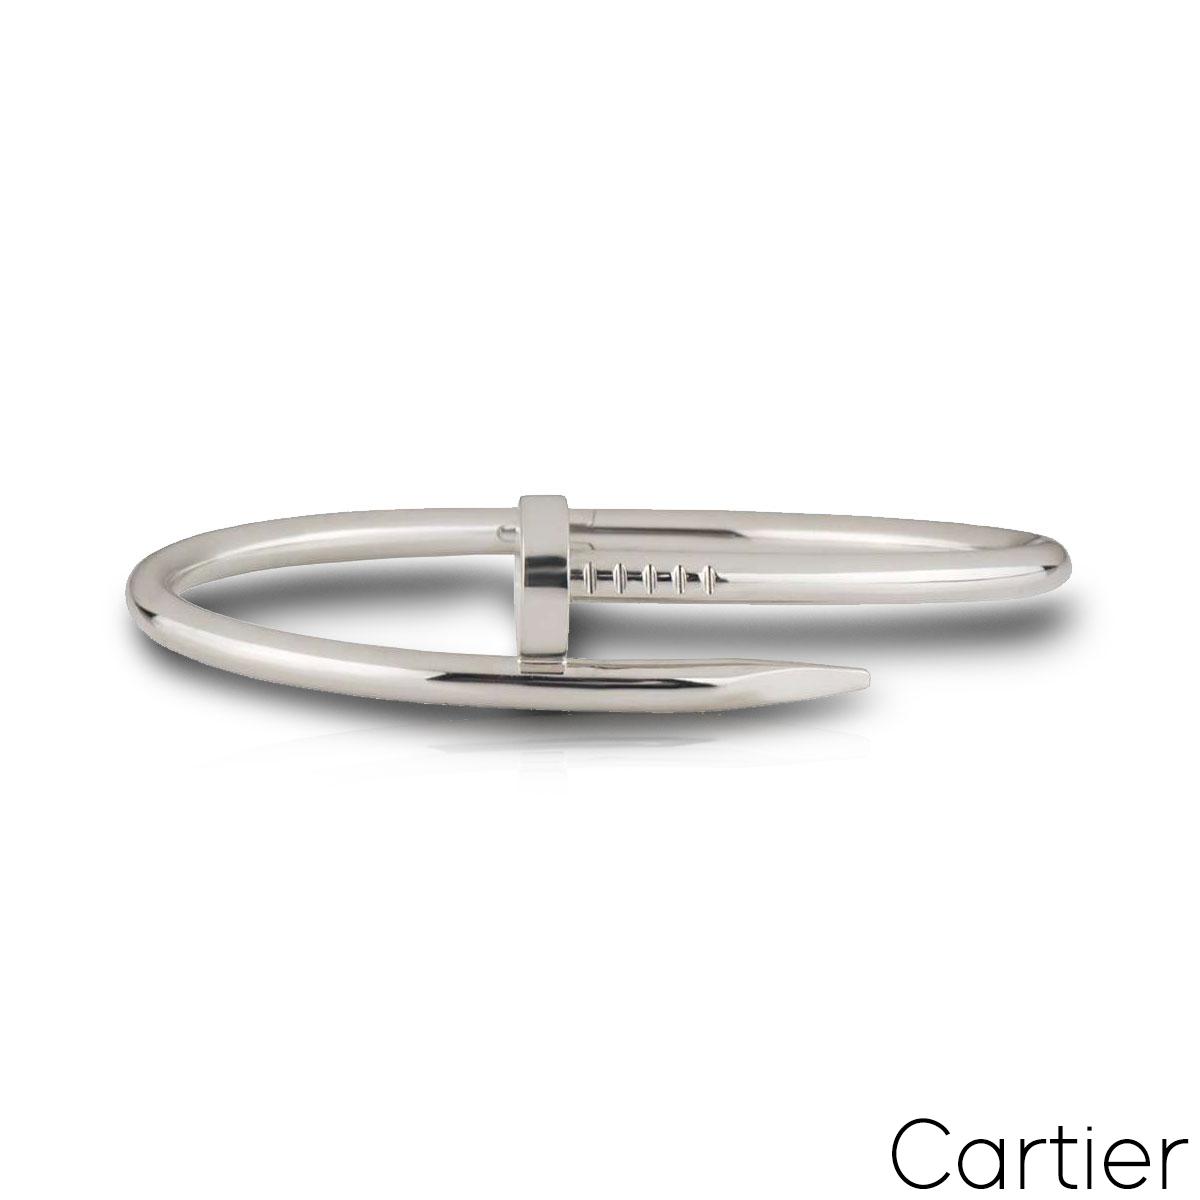 Cartier White Gold Juste Un Clou Bracelet Size 19 B6048319